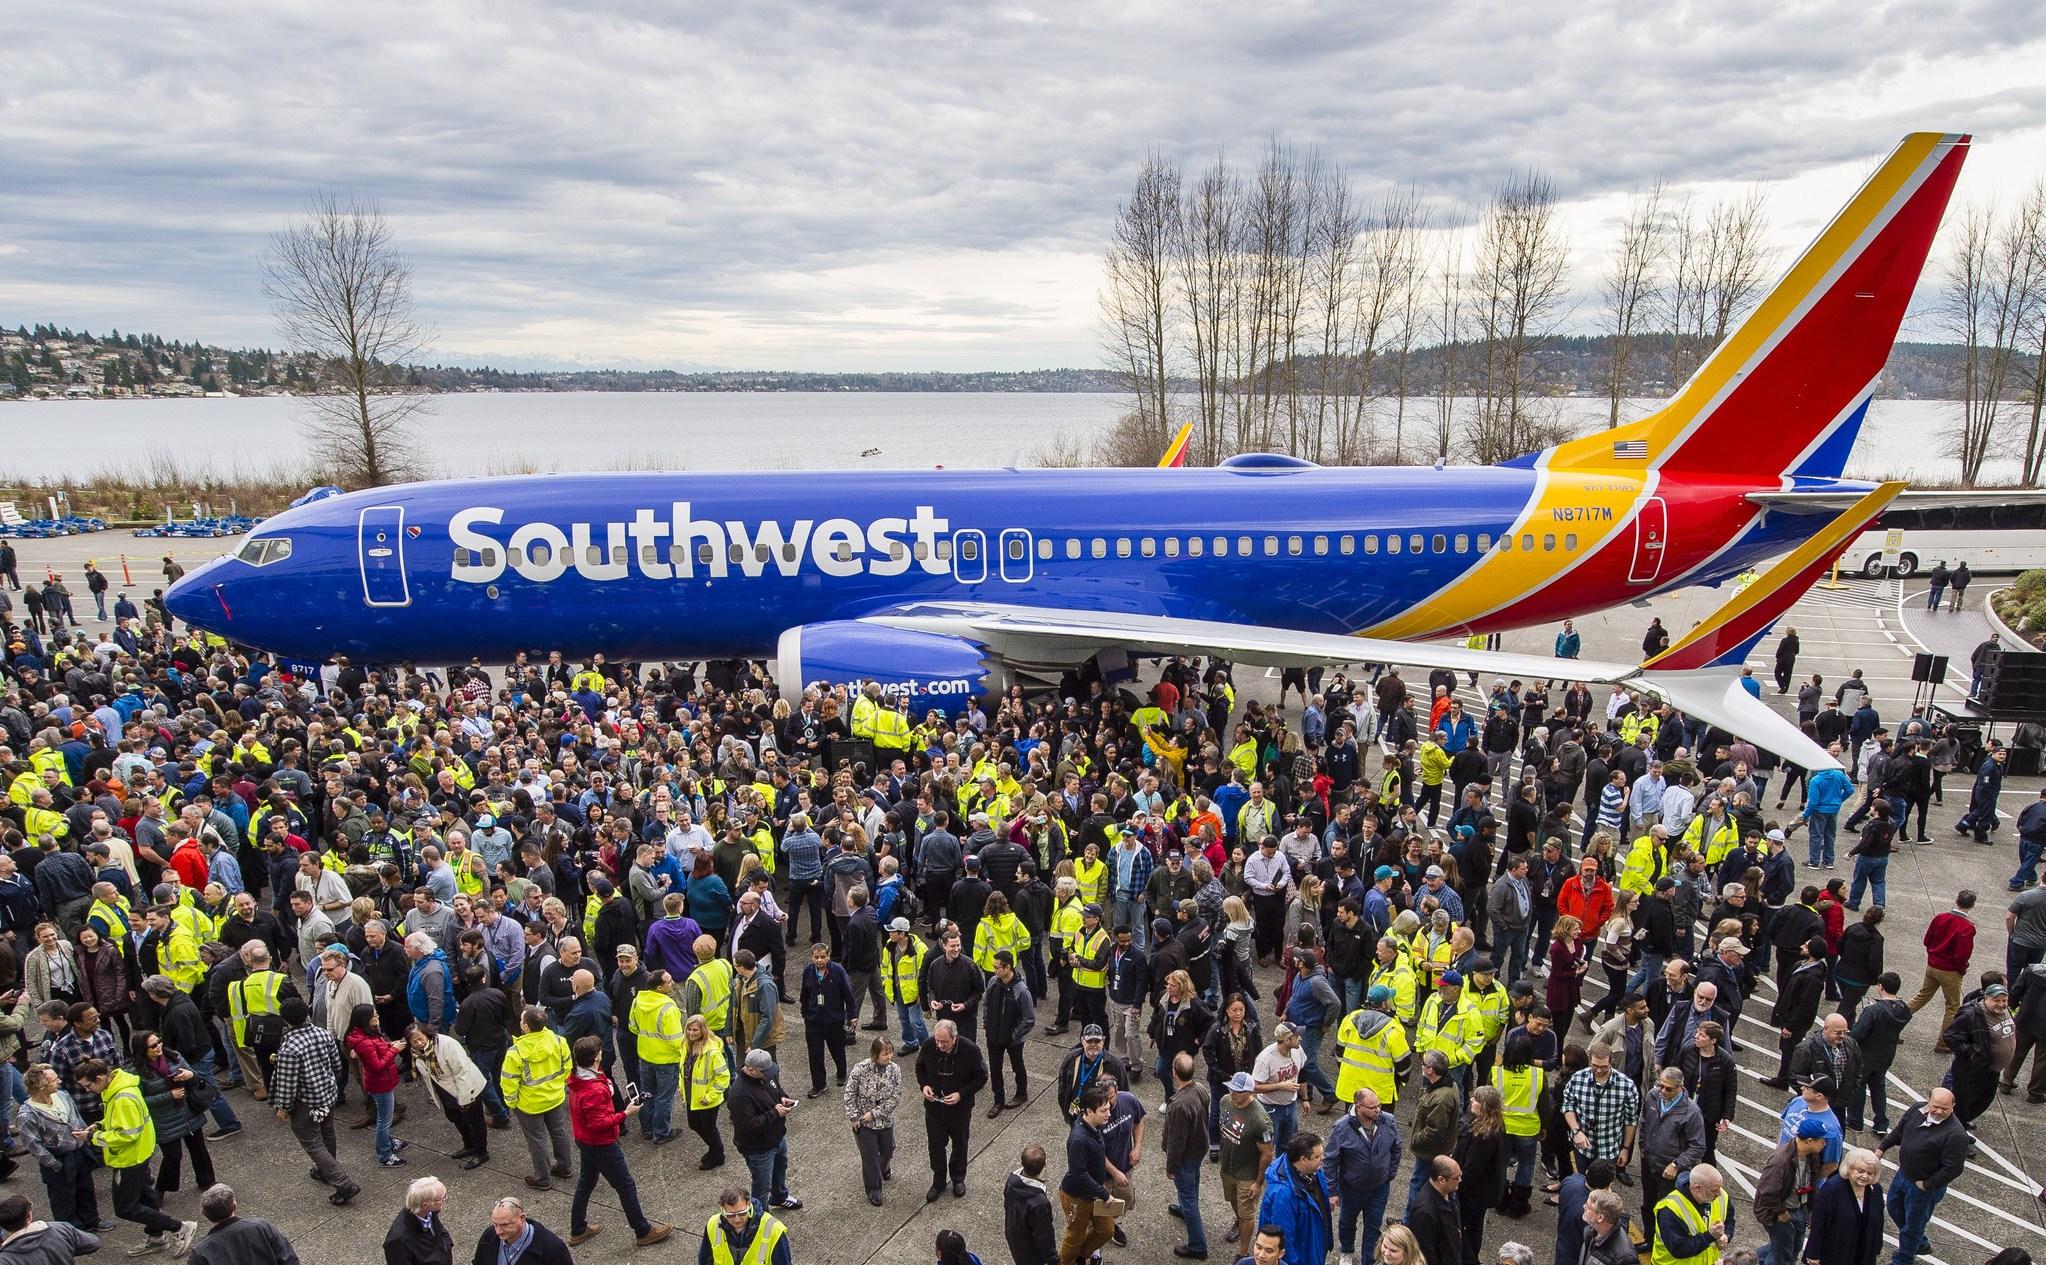 Southwest Airlines er verdens største operatør af Boeing B737 med over 700 eksemplarer i sin flåde. På arkivfotoet fra marts i år modtager Southwest Boeing B737 nummer 10.000, der i alt er fremstillet gennem årene. Foto: Boeing.